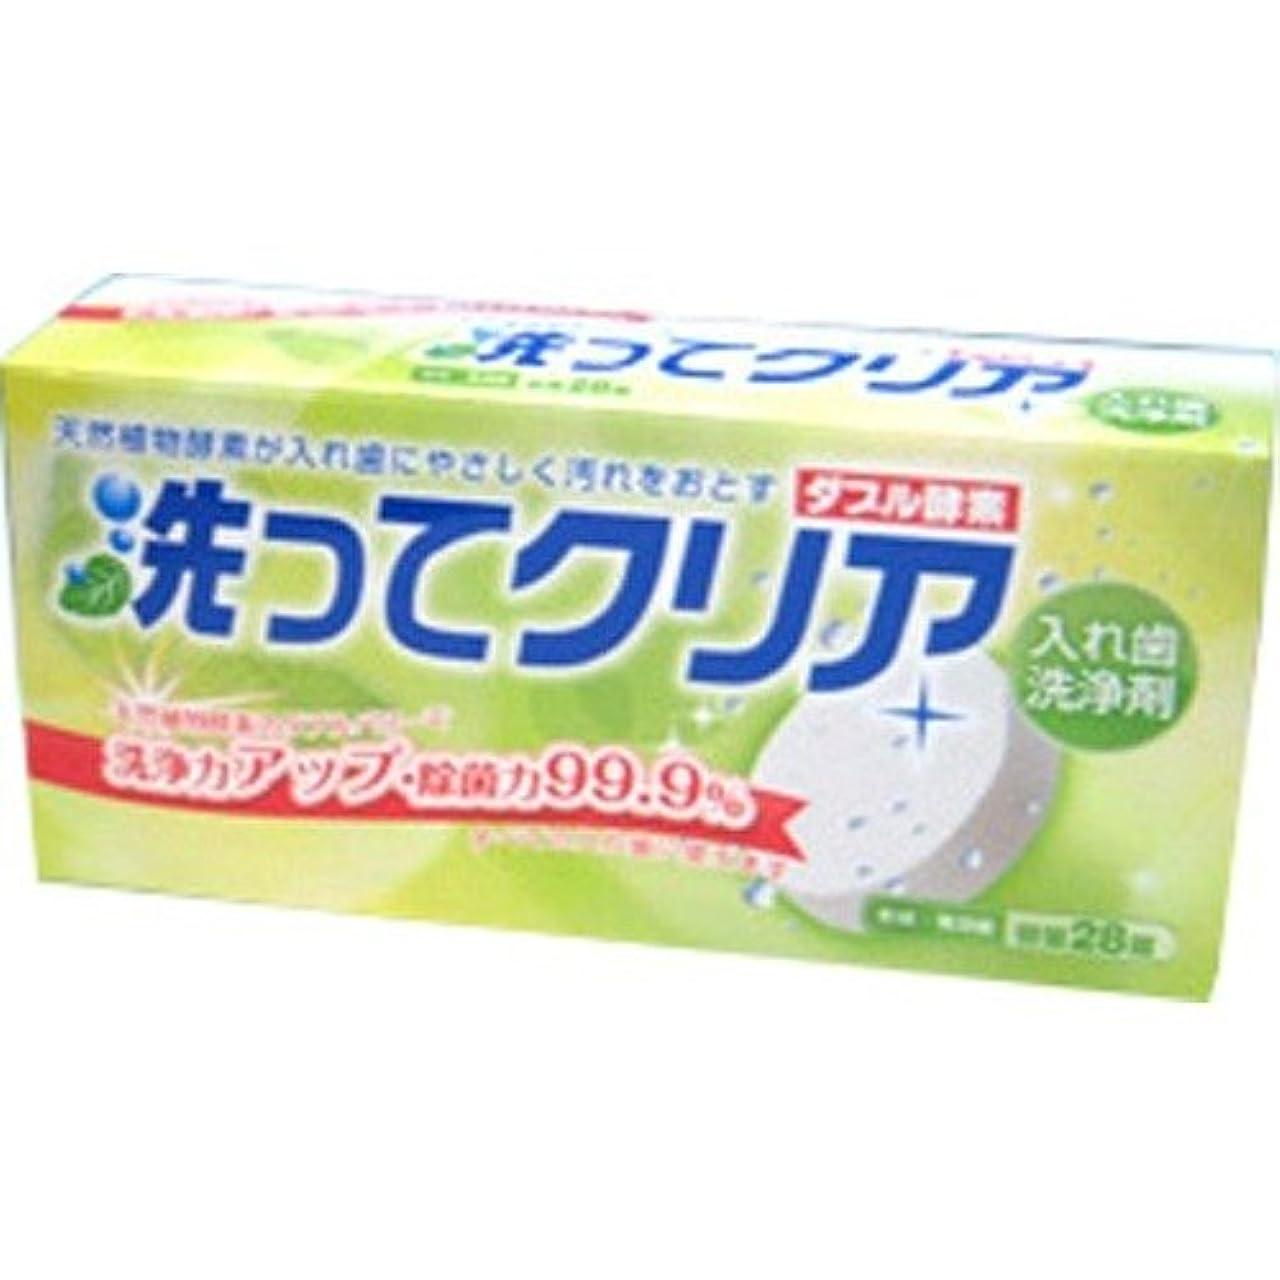 手術簡単に爆発物東伸洋行株式会社 洗ってクリア ダブル酵素 28錠 入れ歯洗浄剤